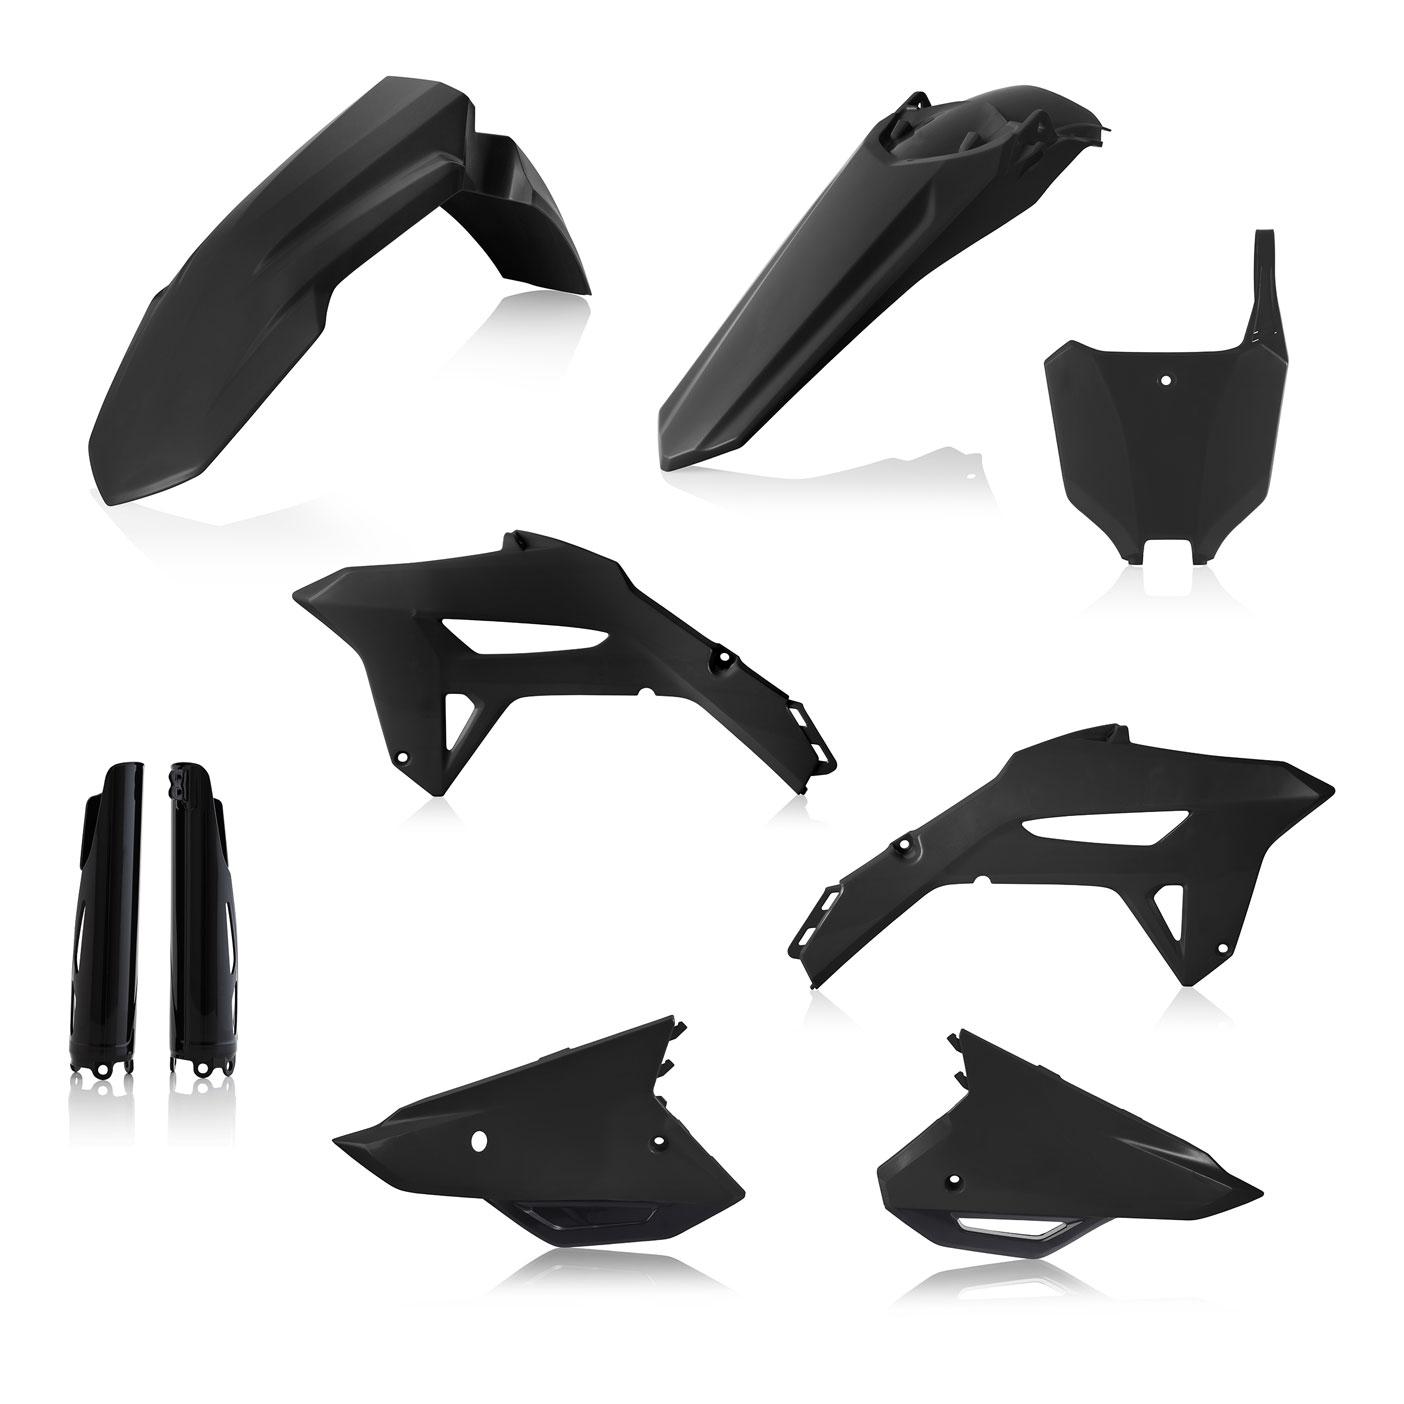 Plastikteile für deine Honda CRF in schwarz, bestehend aus Frontkotflügel, Heckkotflügel, Tankspoiler, Gabelschoner und Nummerntafeln